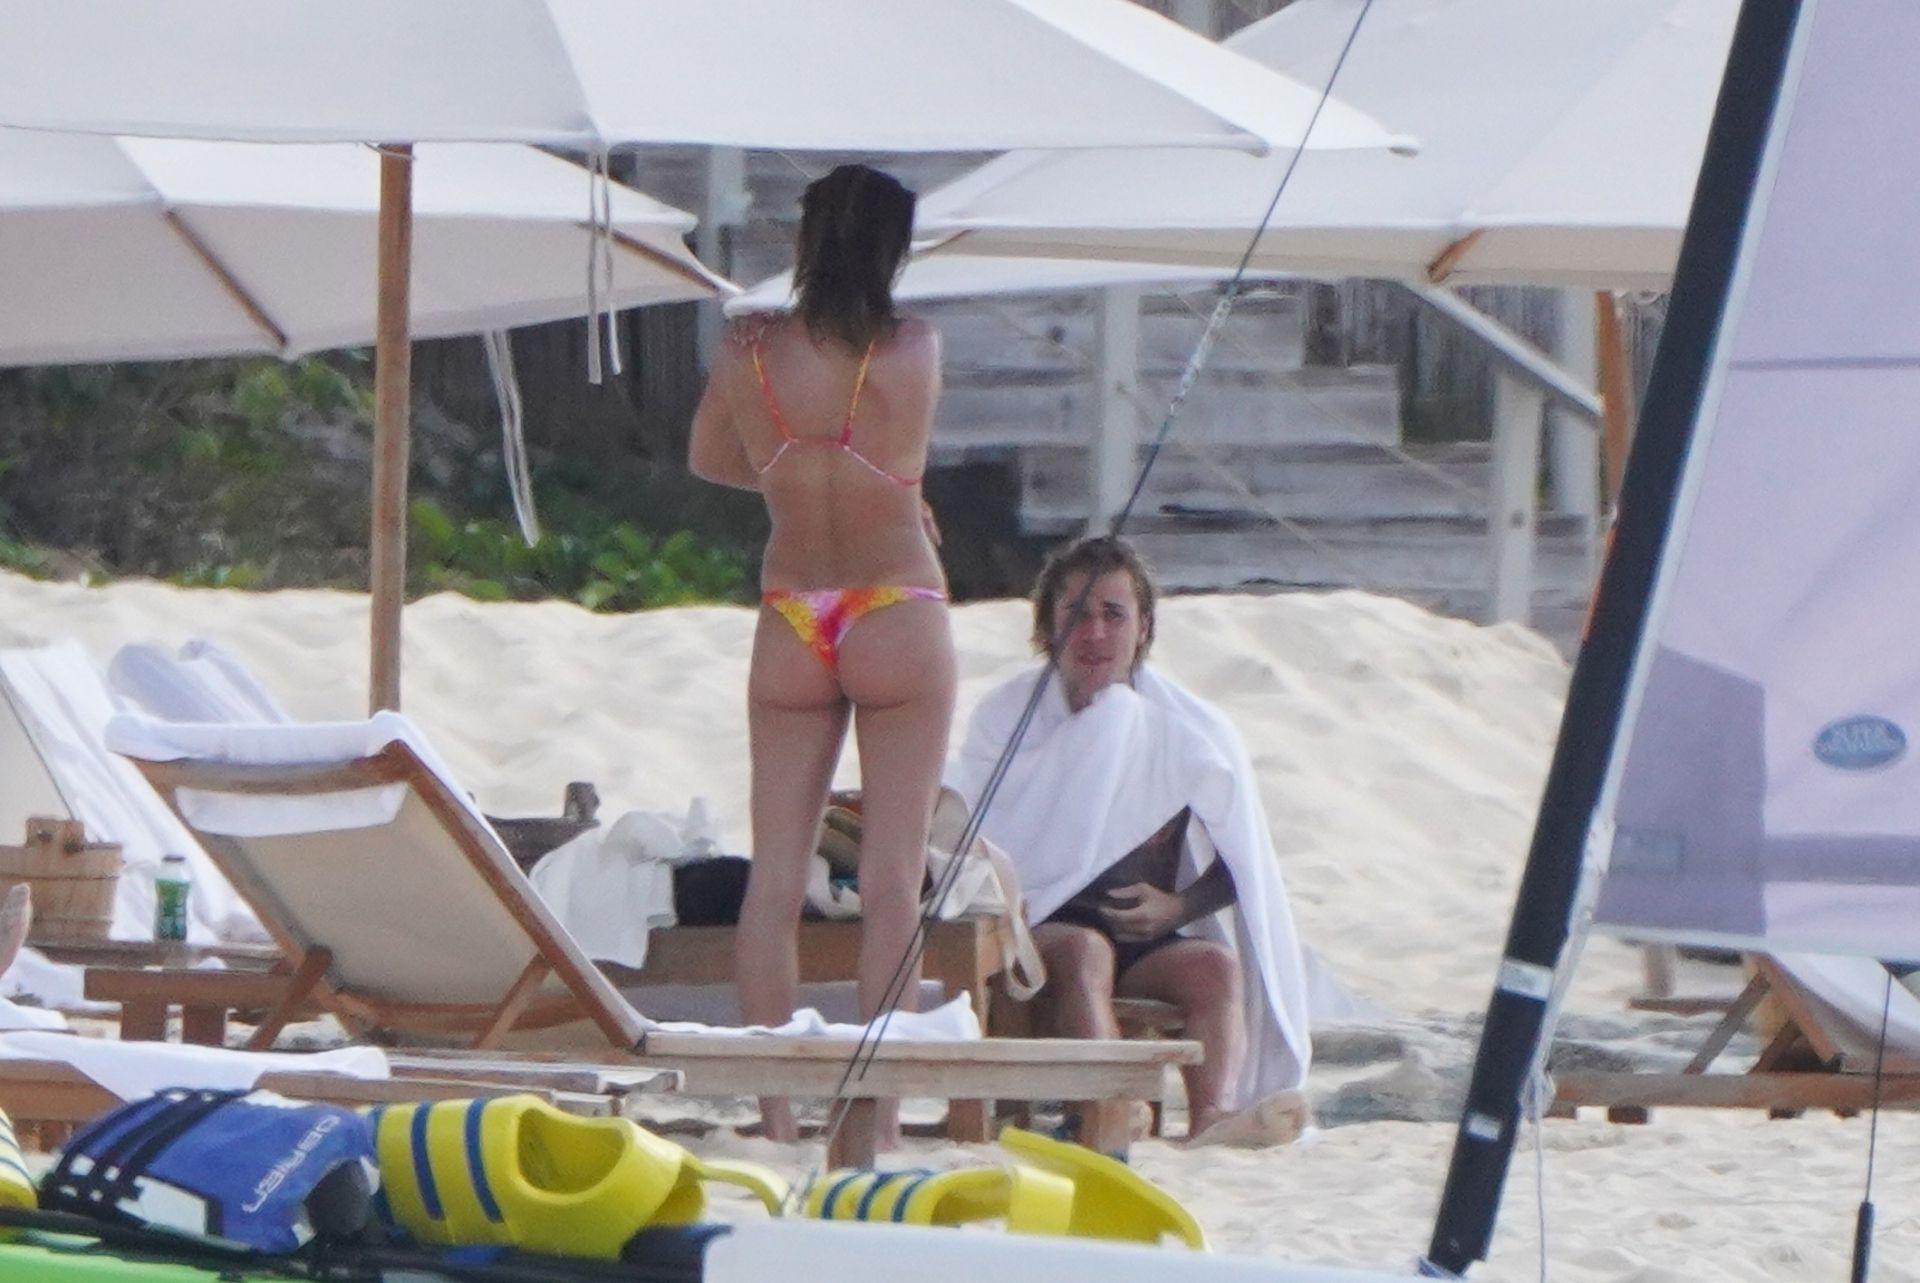 Hailey Bieber In Bikini